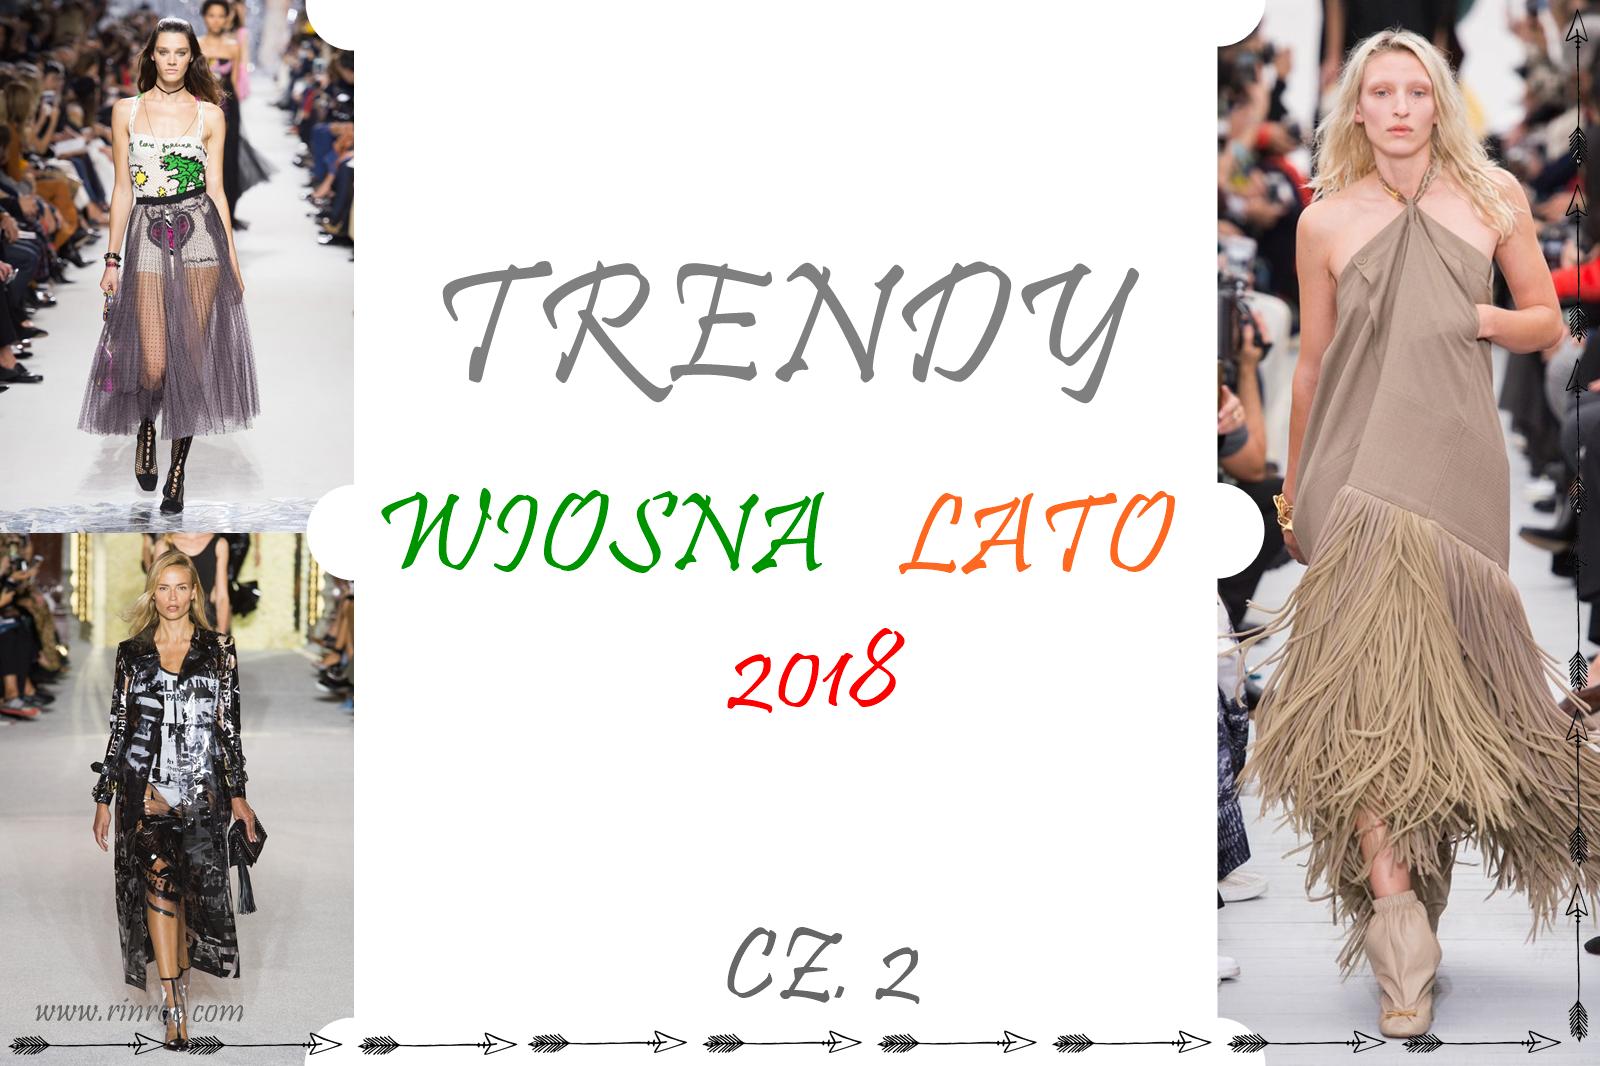 Trendy wiosna/lato 2018: cekiny, plastik, siatka, jeans, frędzle